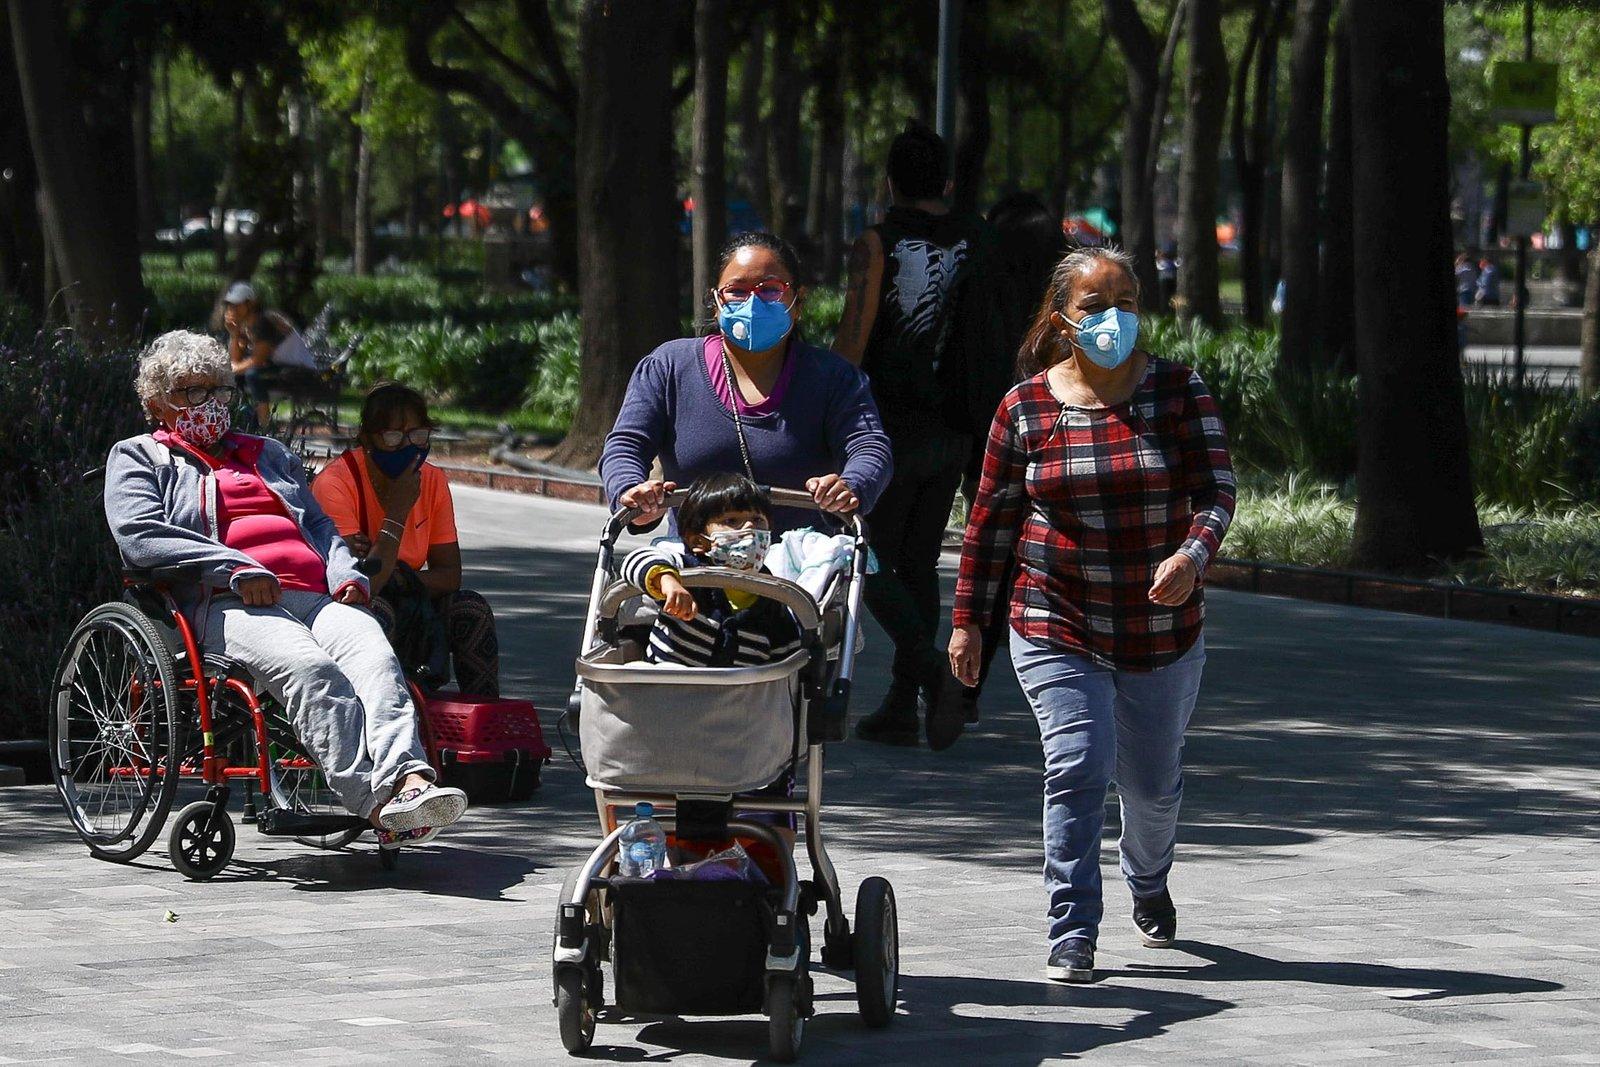 Suman 100,823 los decesos por COVID-19 en México